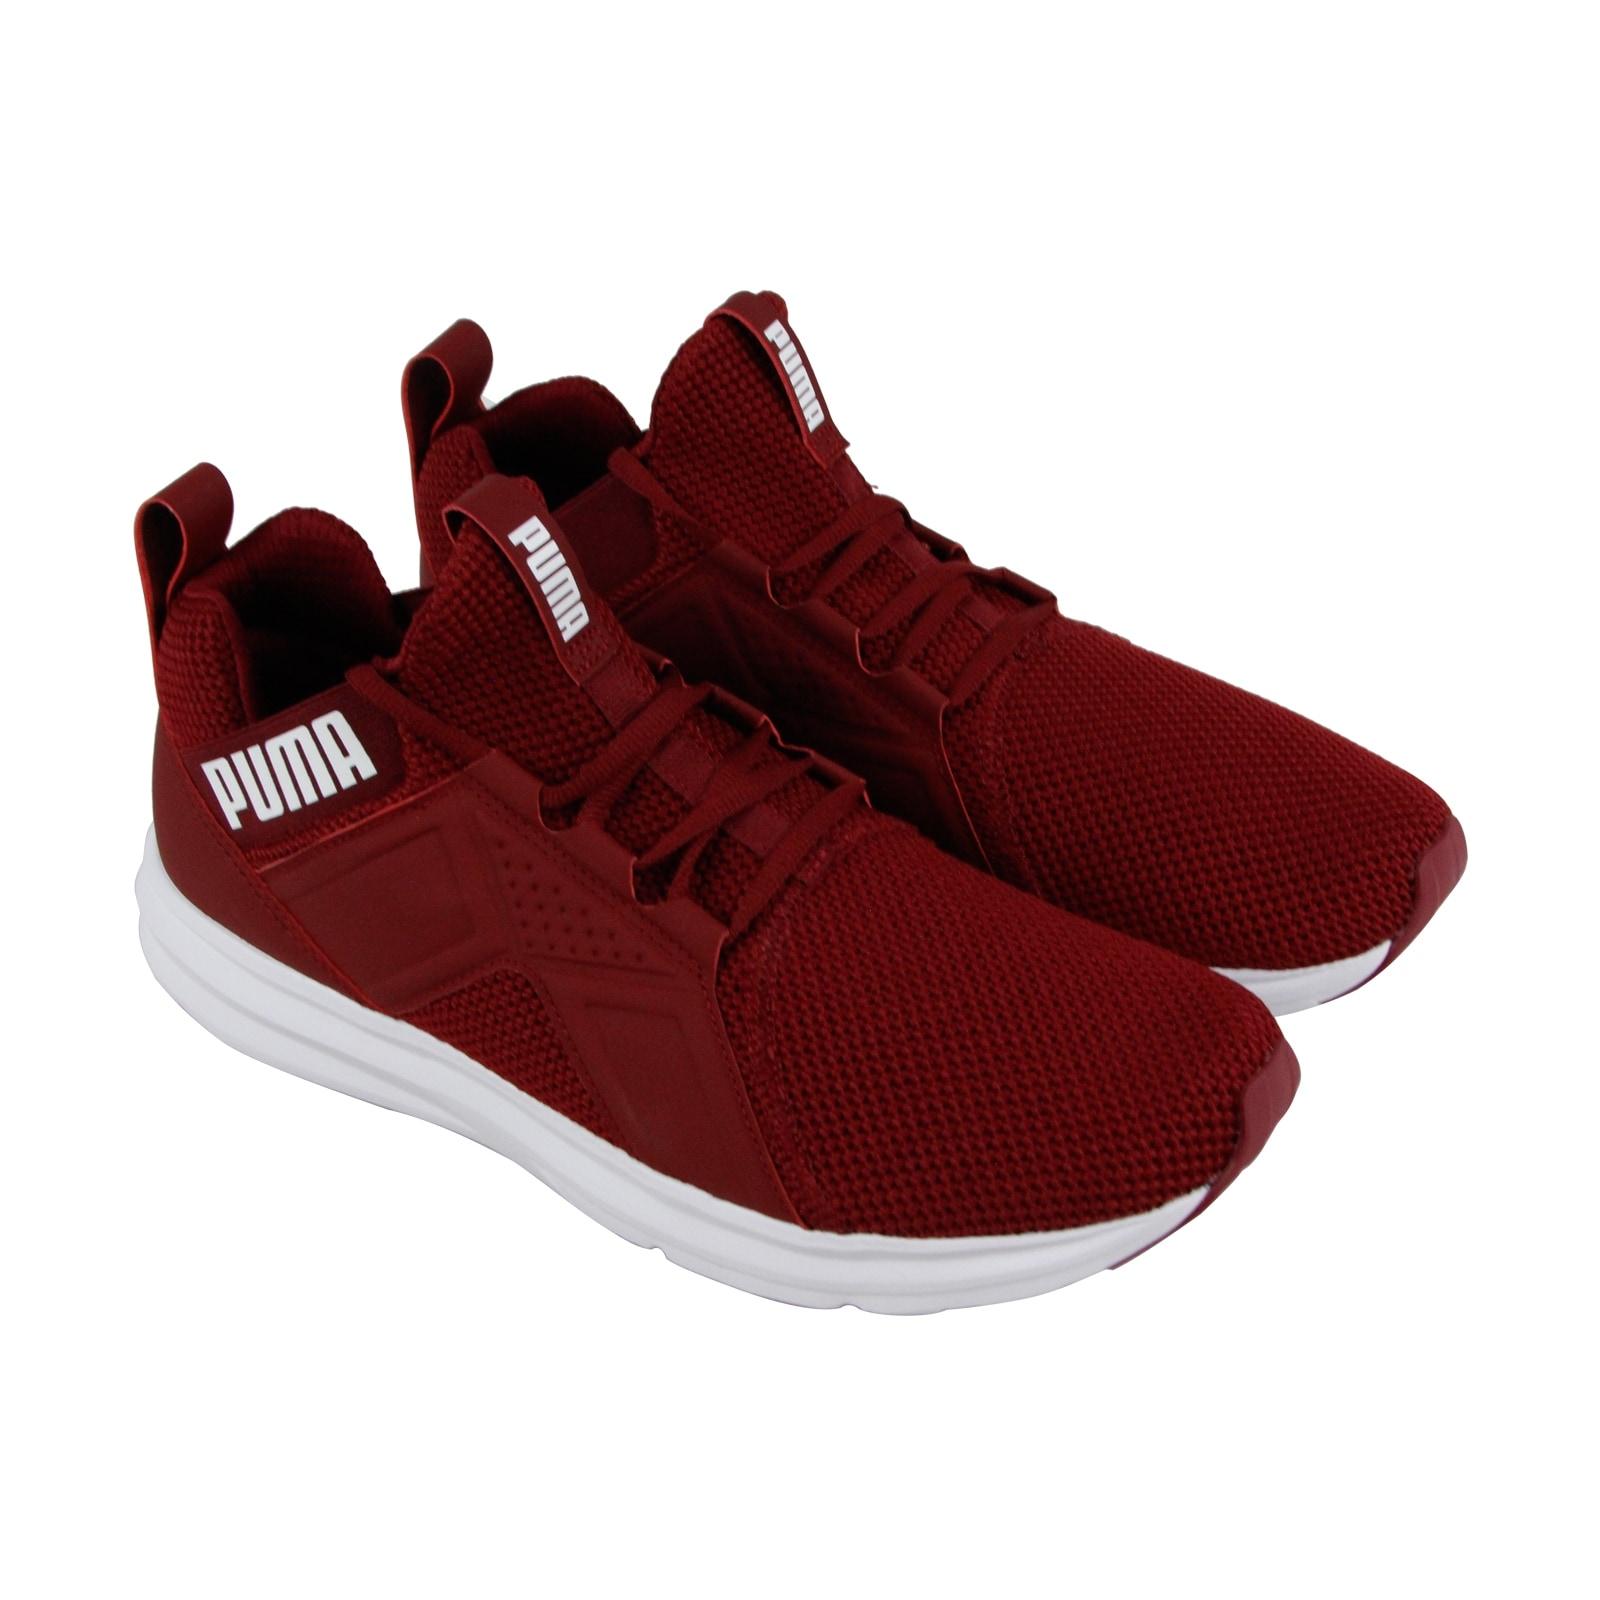 Shop Puma Enzo Weave Mens Red Textile